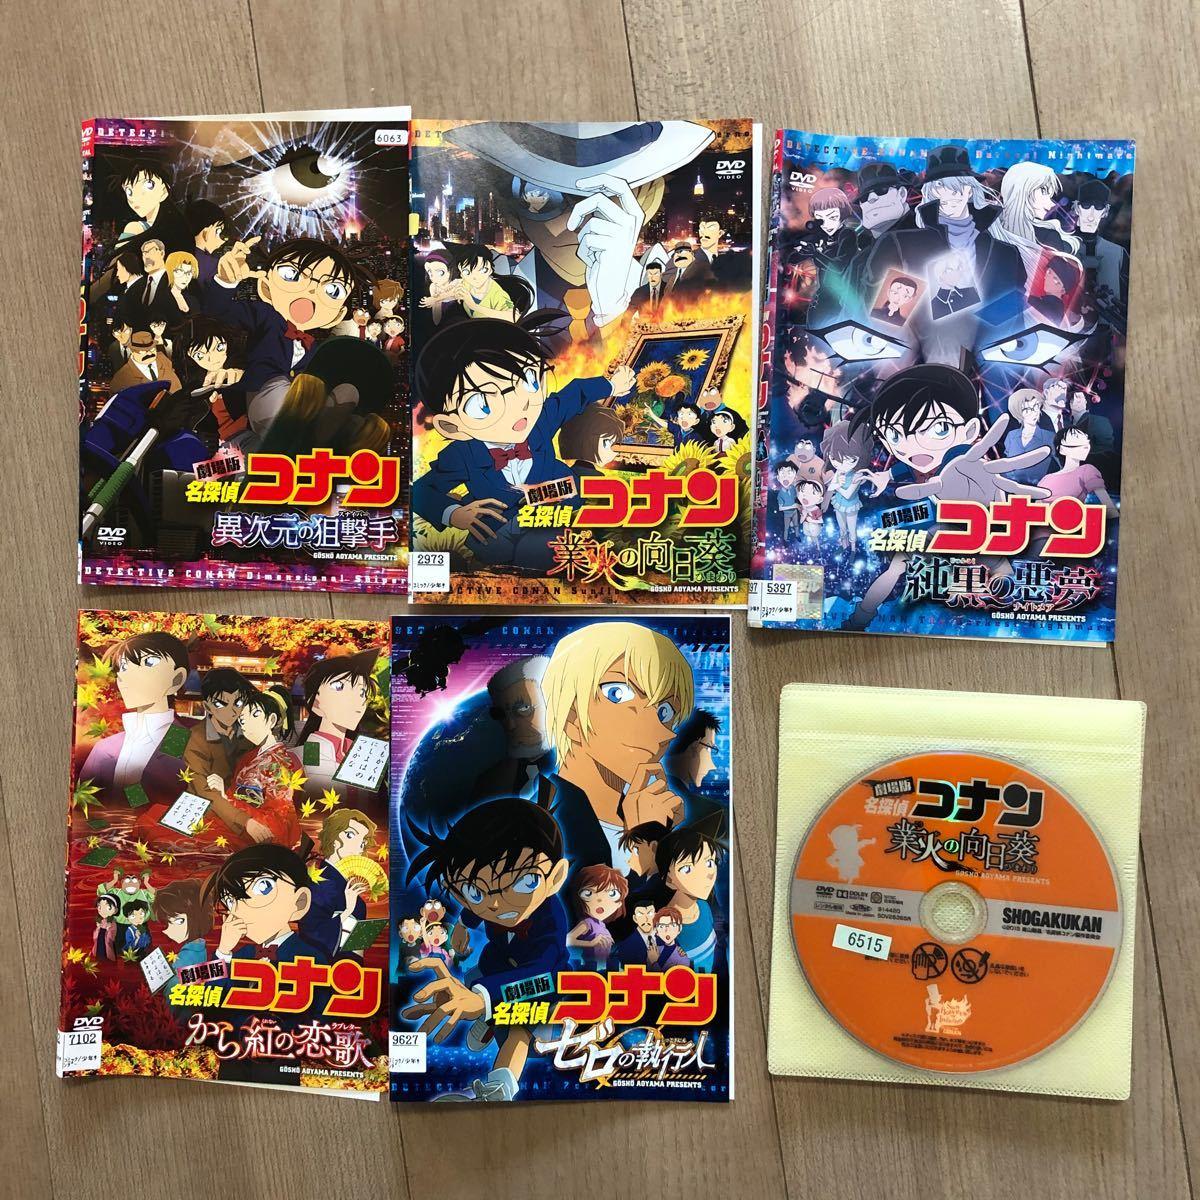 劇場版 名探偵コナン DVD 5巻セット